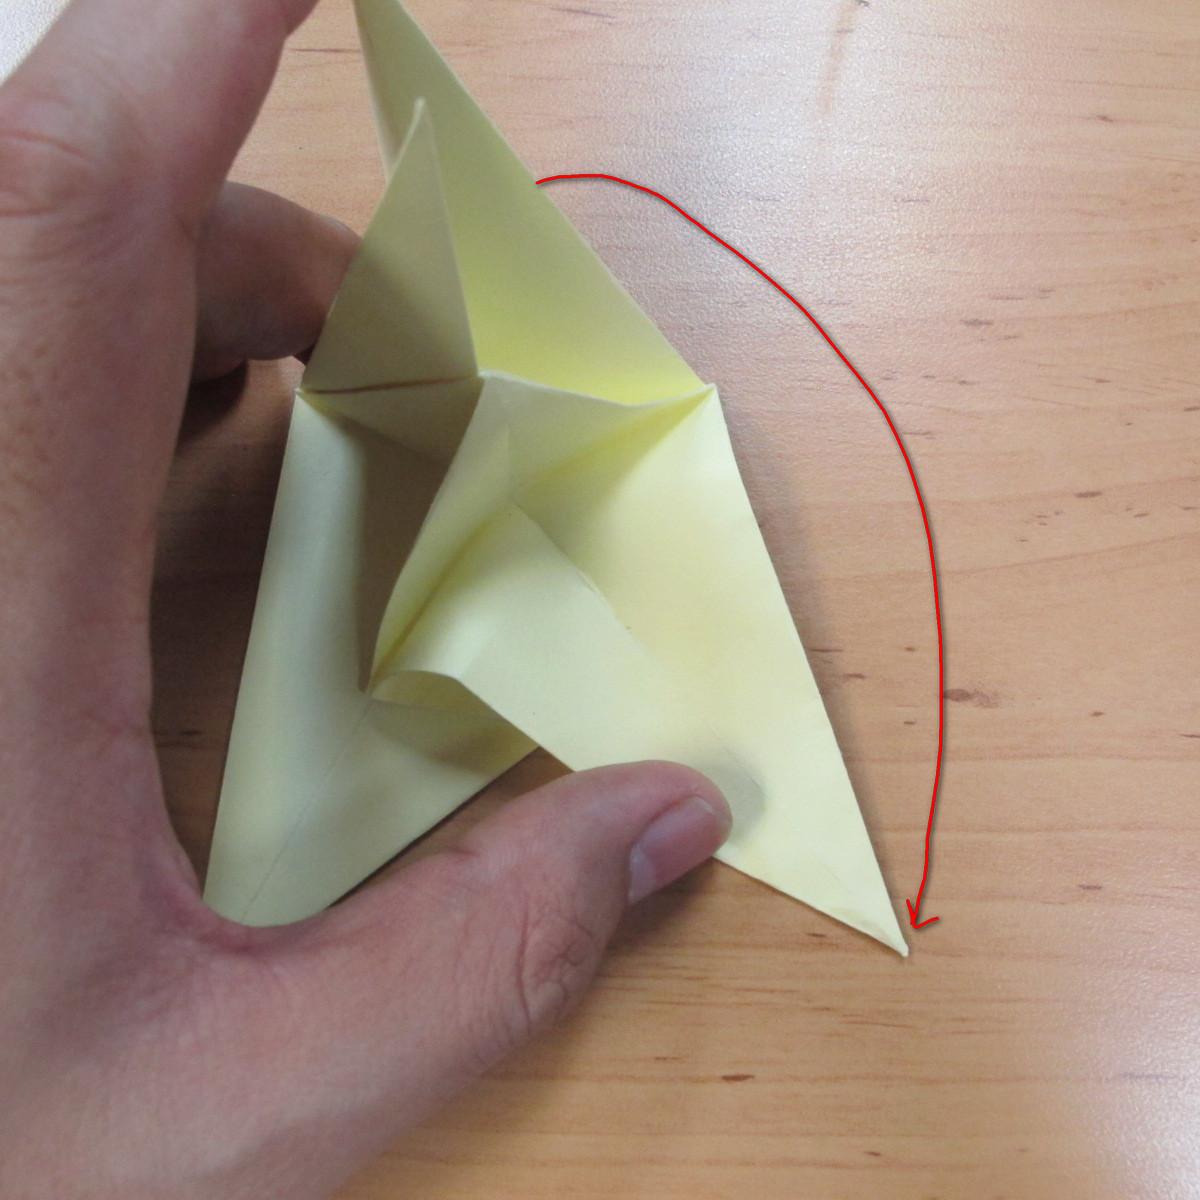 วิธีพับกระดาษเป็นดอกกุหลายแบบเกลียว 022